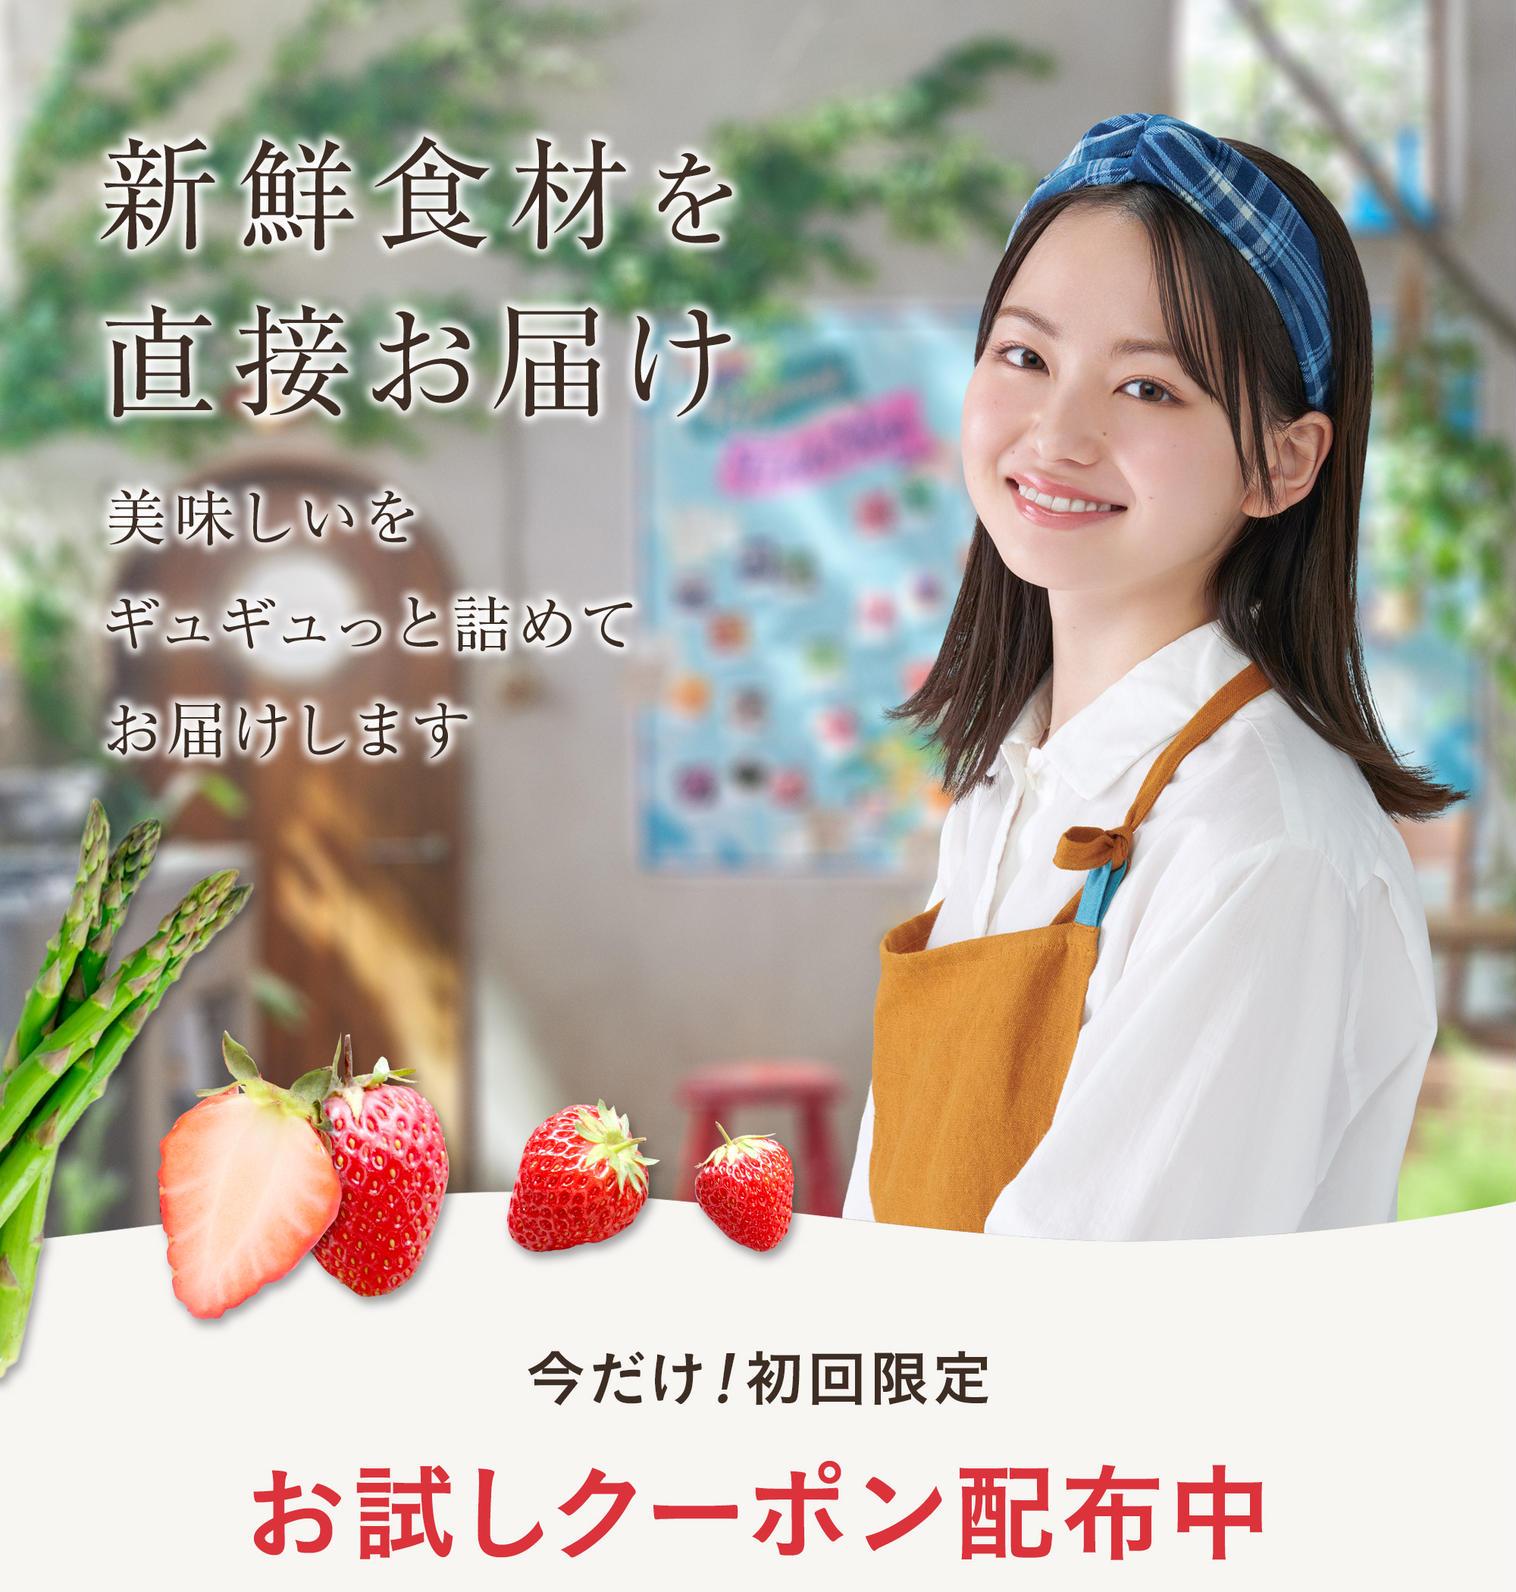 「旅するような産直」山田杏奈CMでおなじみの産直アウルは産地直送の食材通販です